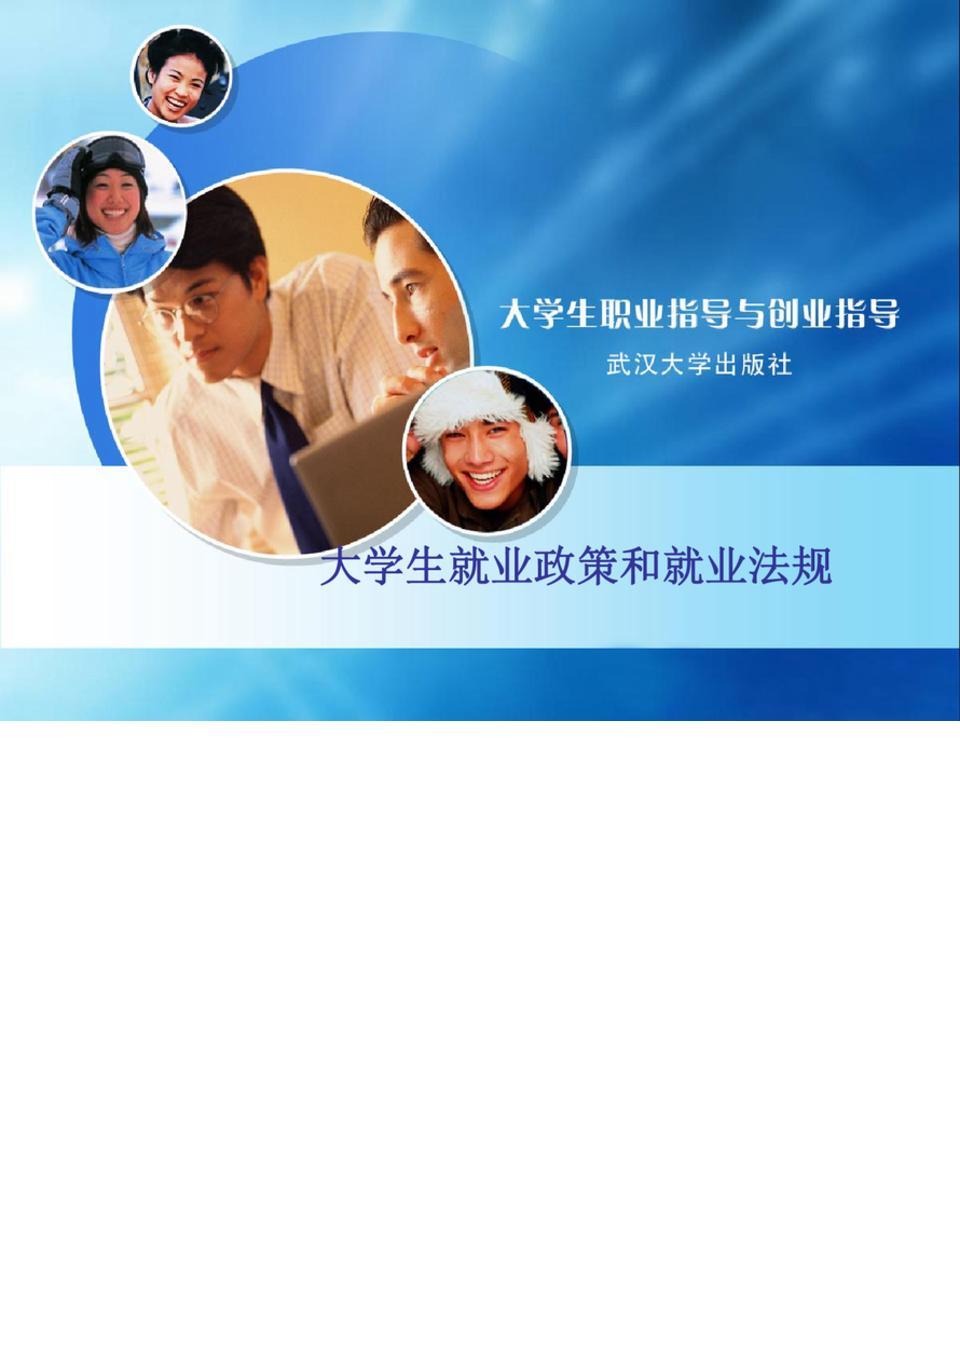 大学生职业生涯规划1大学生就业政策和就业法规.ppt